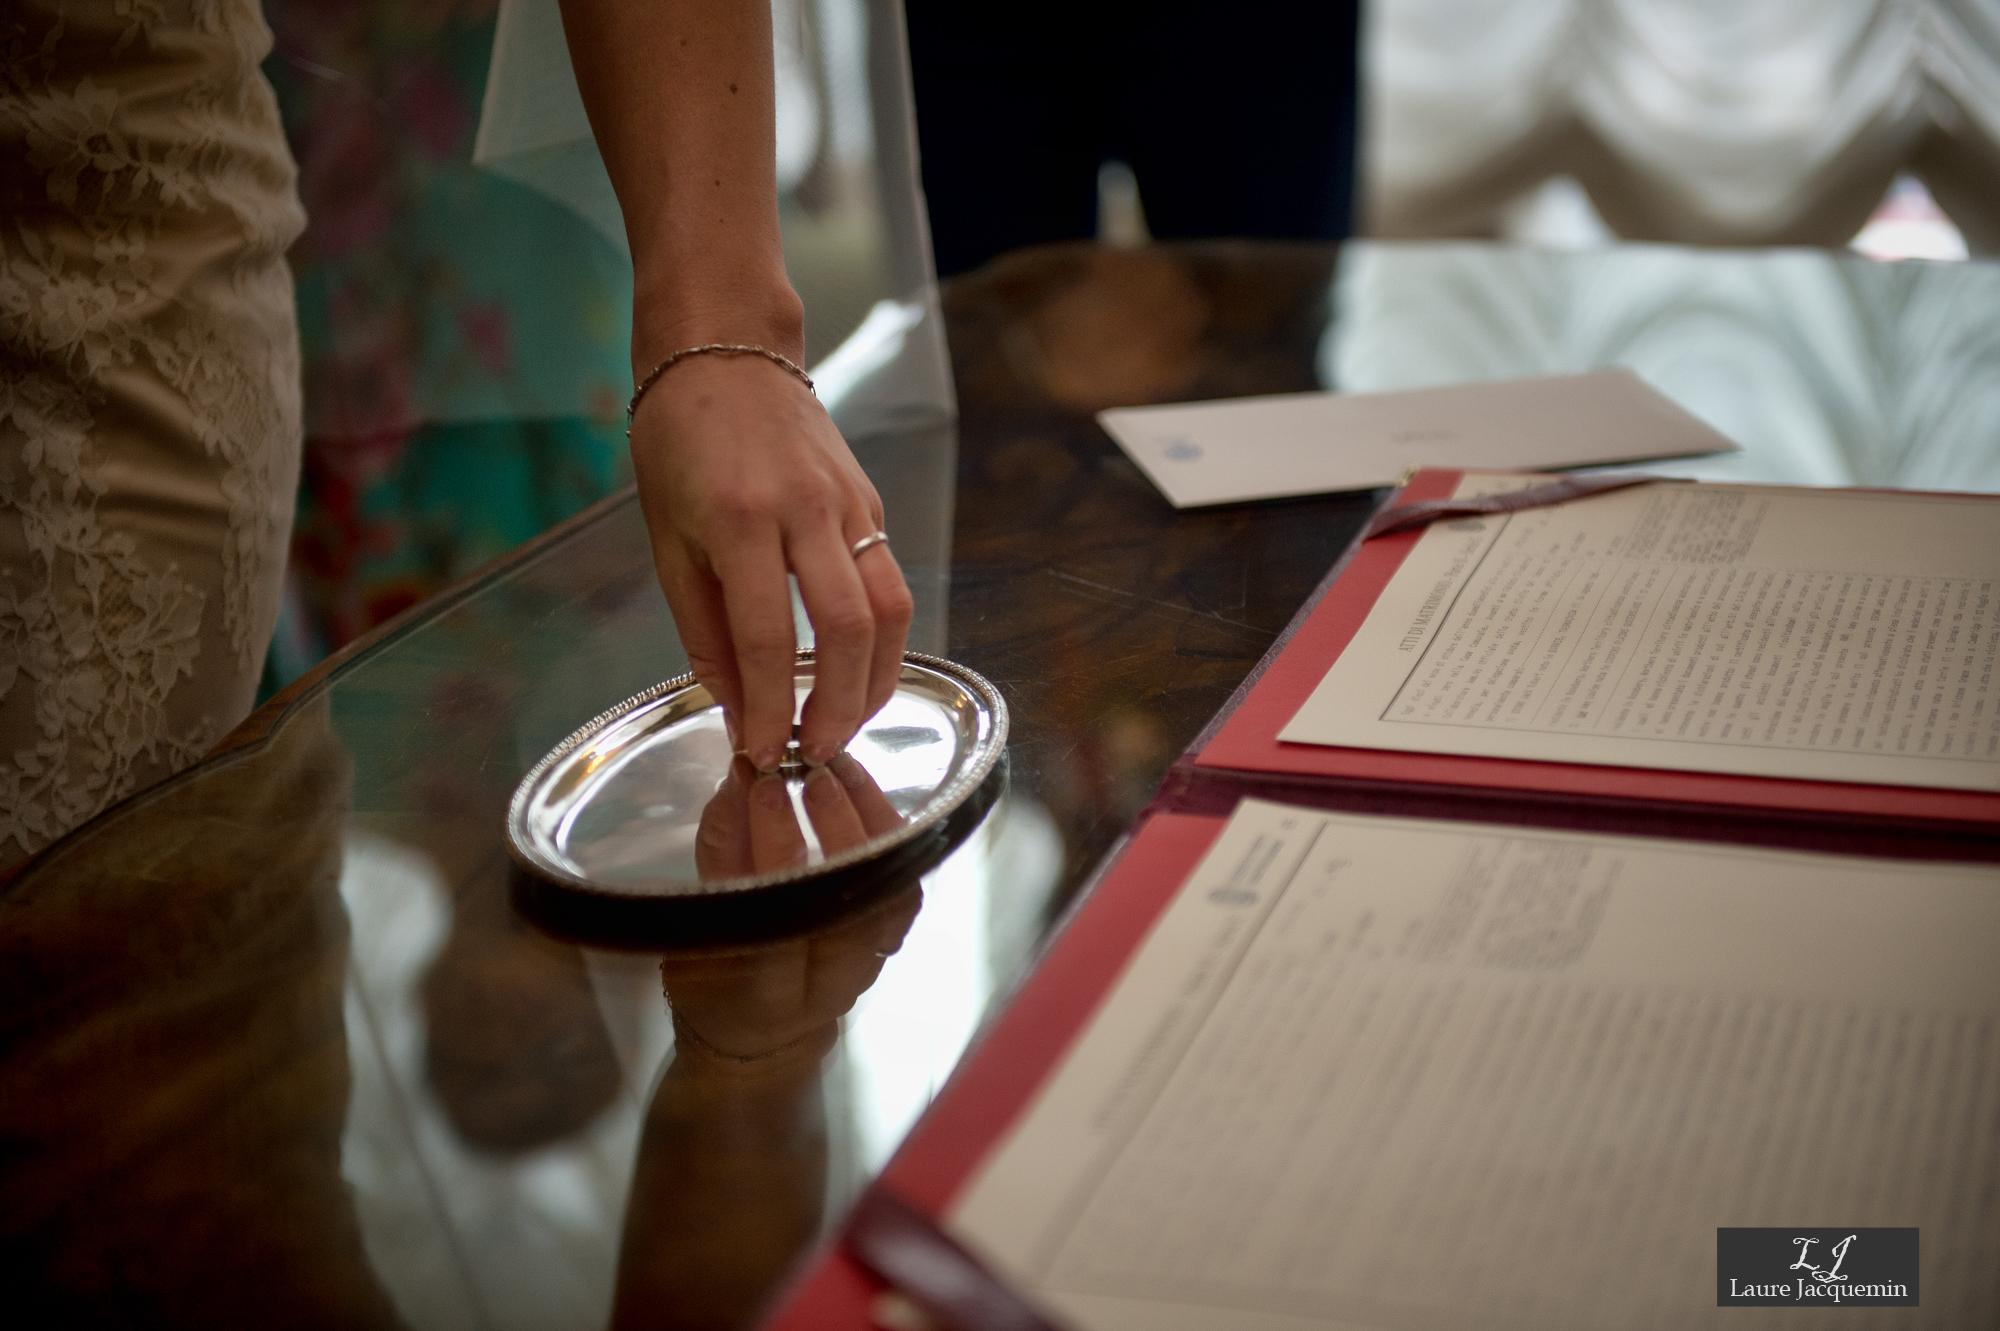 photographe mariage laure jacquemin palazzo cavalli service photographique (24)